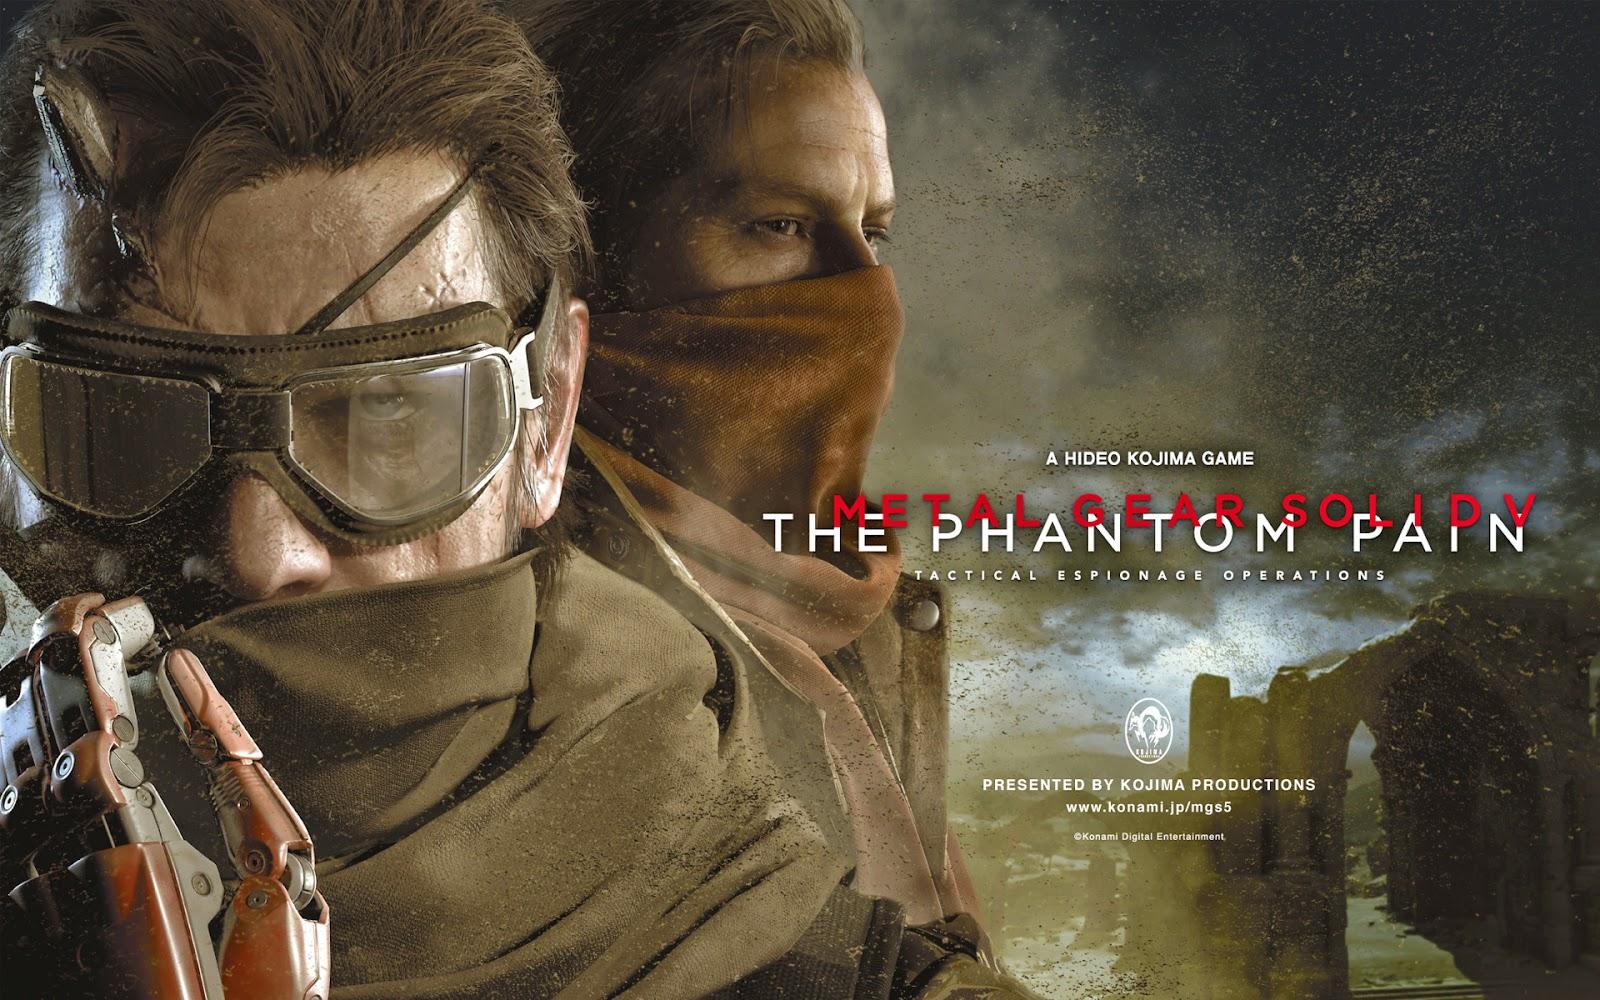 phantom_pain_herp_0-metal-gear-solid-5-t